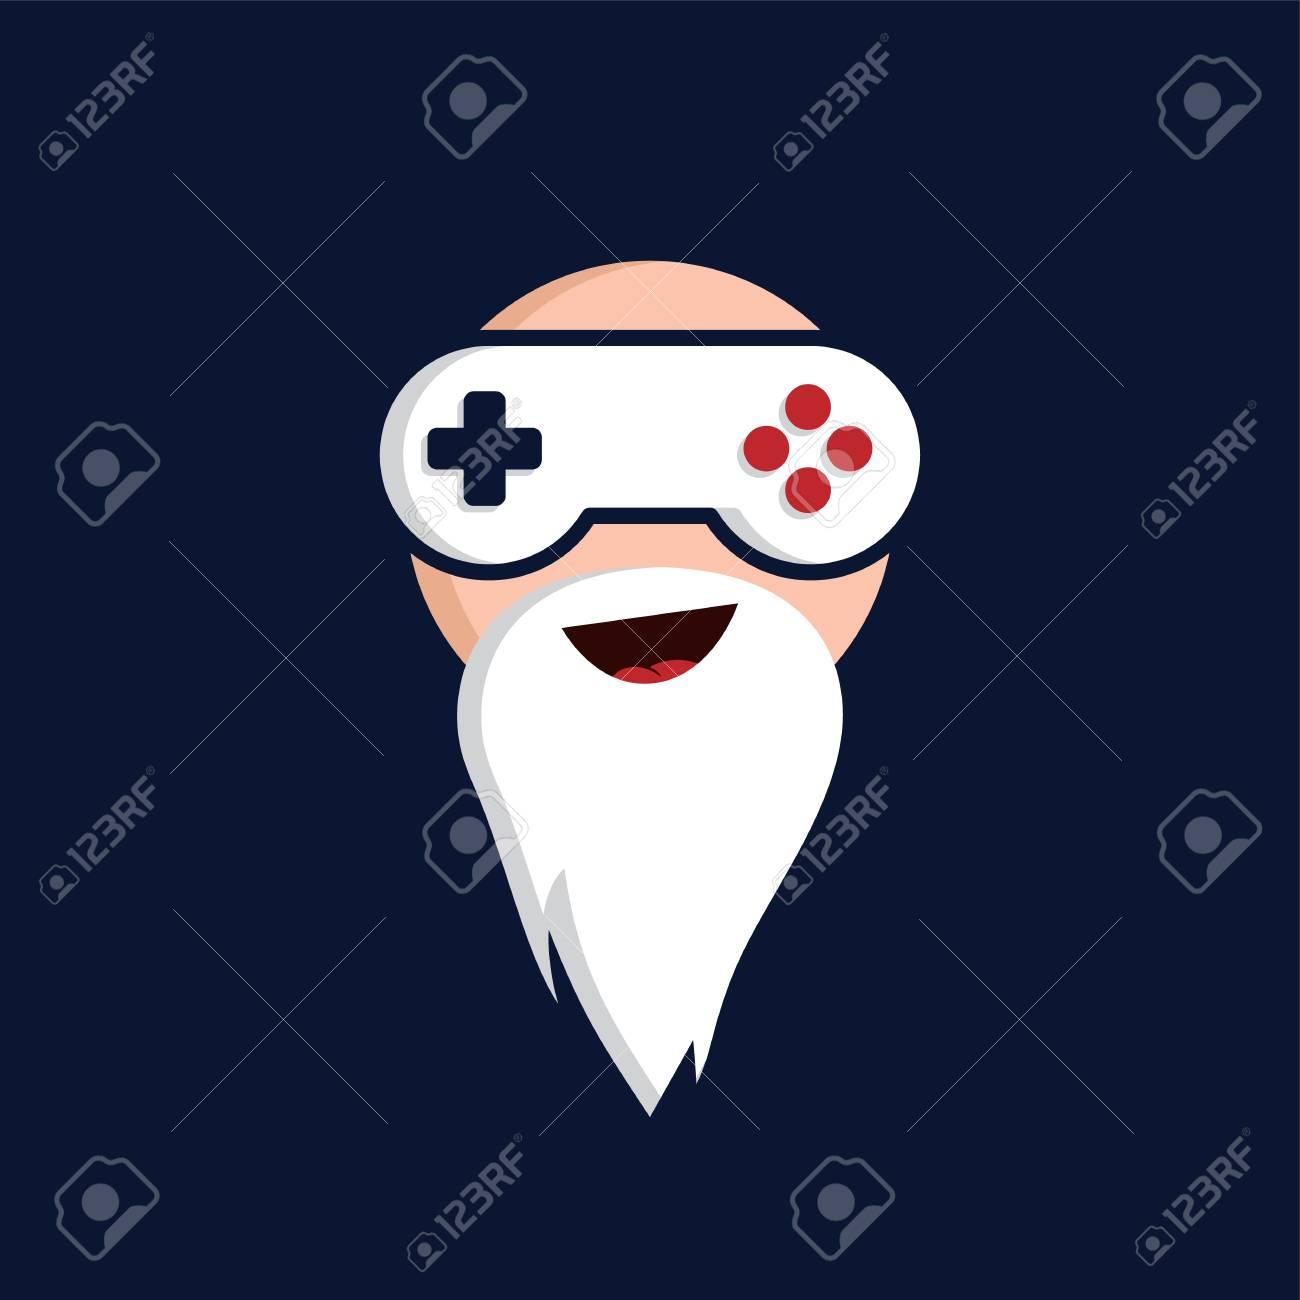 game guru - master gamer - video game theme logo - logotype vector